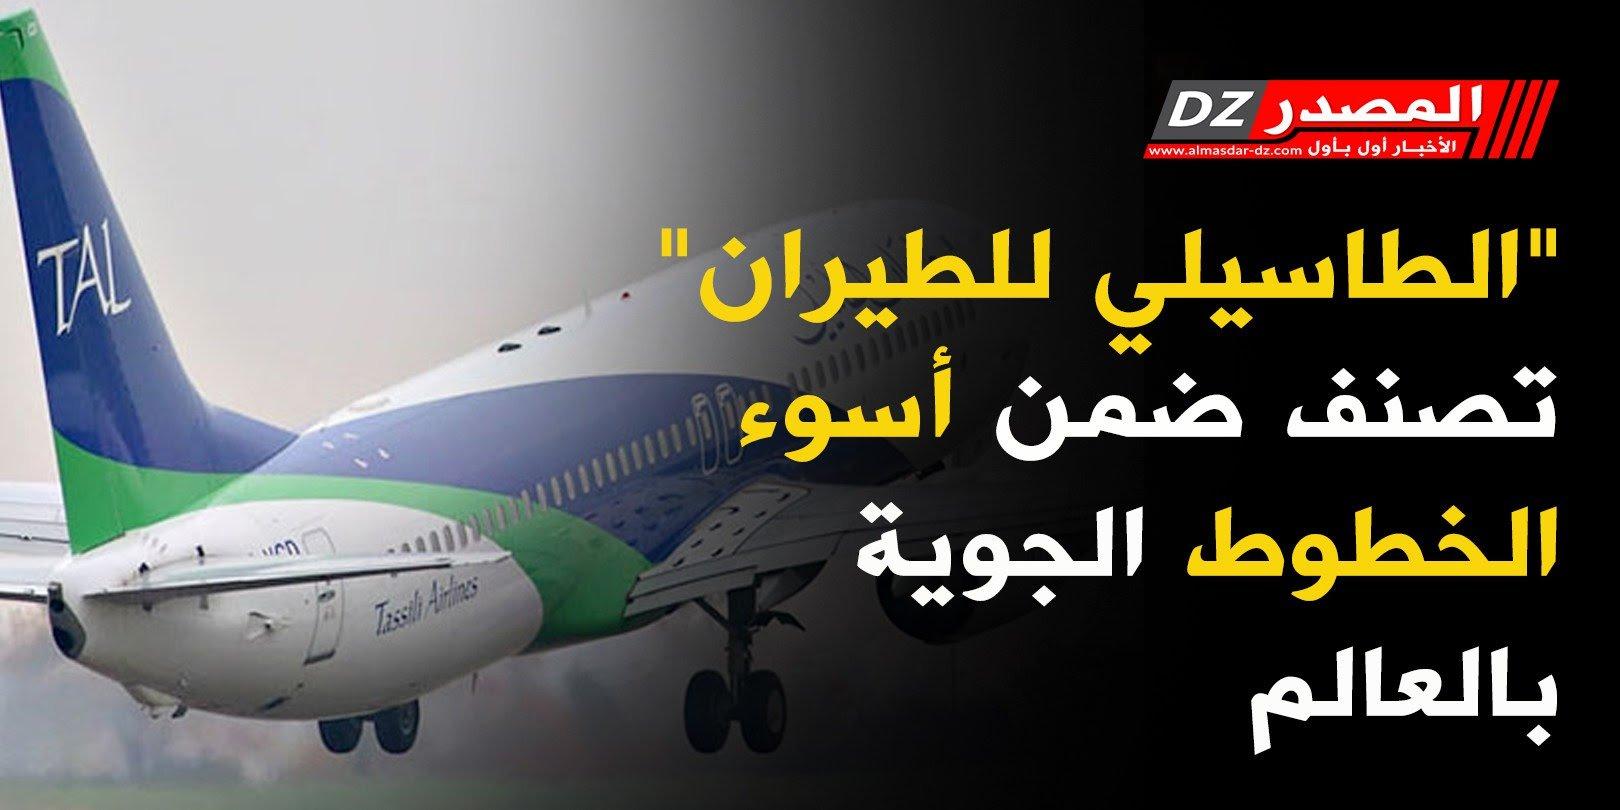 """الشركة الجزائرية """"طاسيلي للطيران"""" تصنف ضمن أسوء الخطوط الجوية بالعالم"""